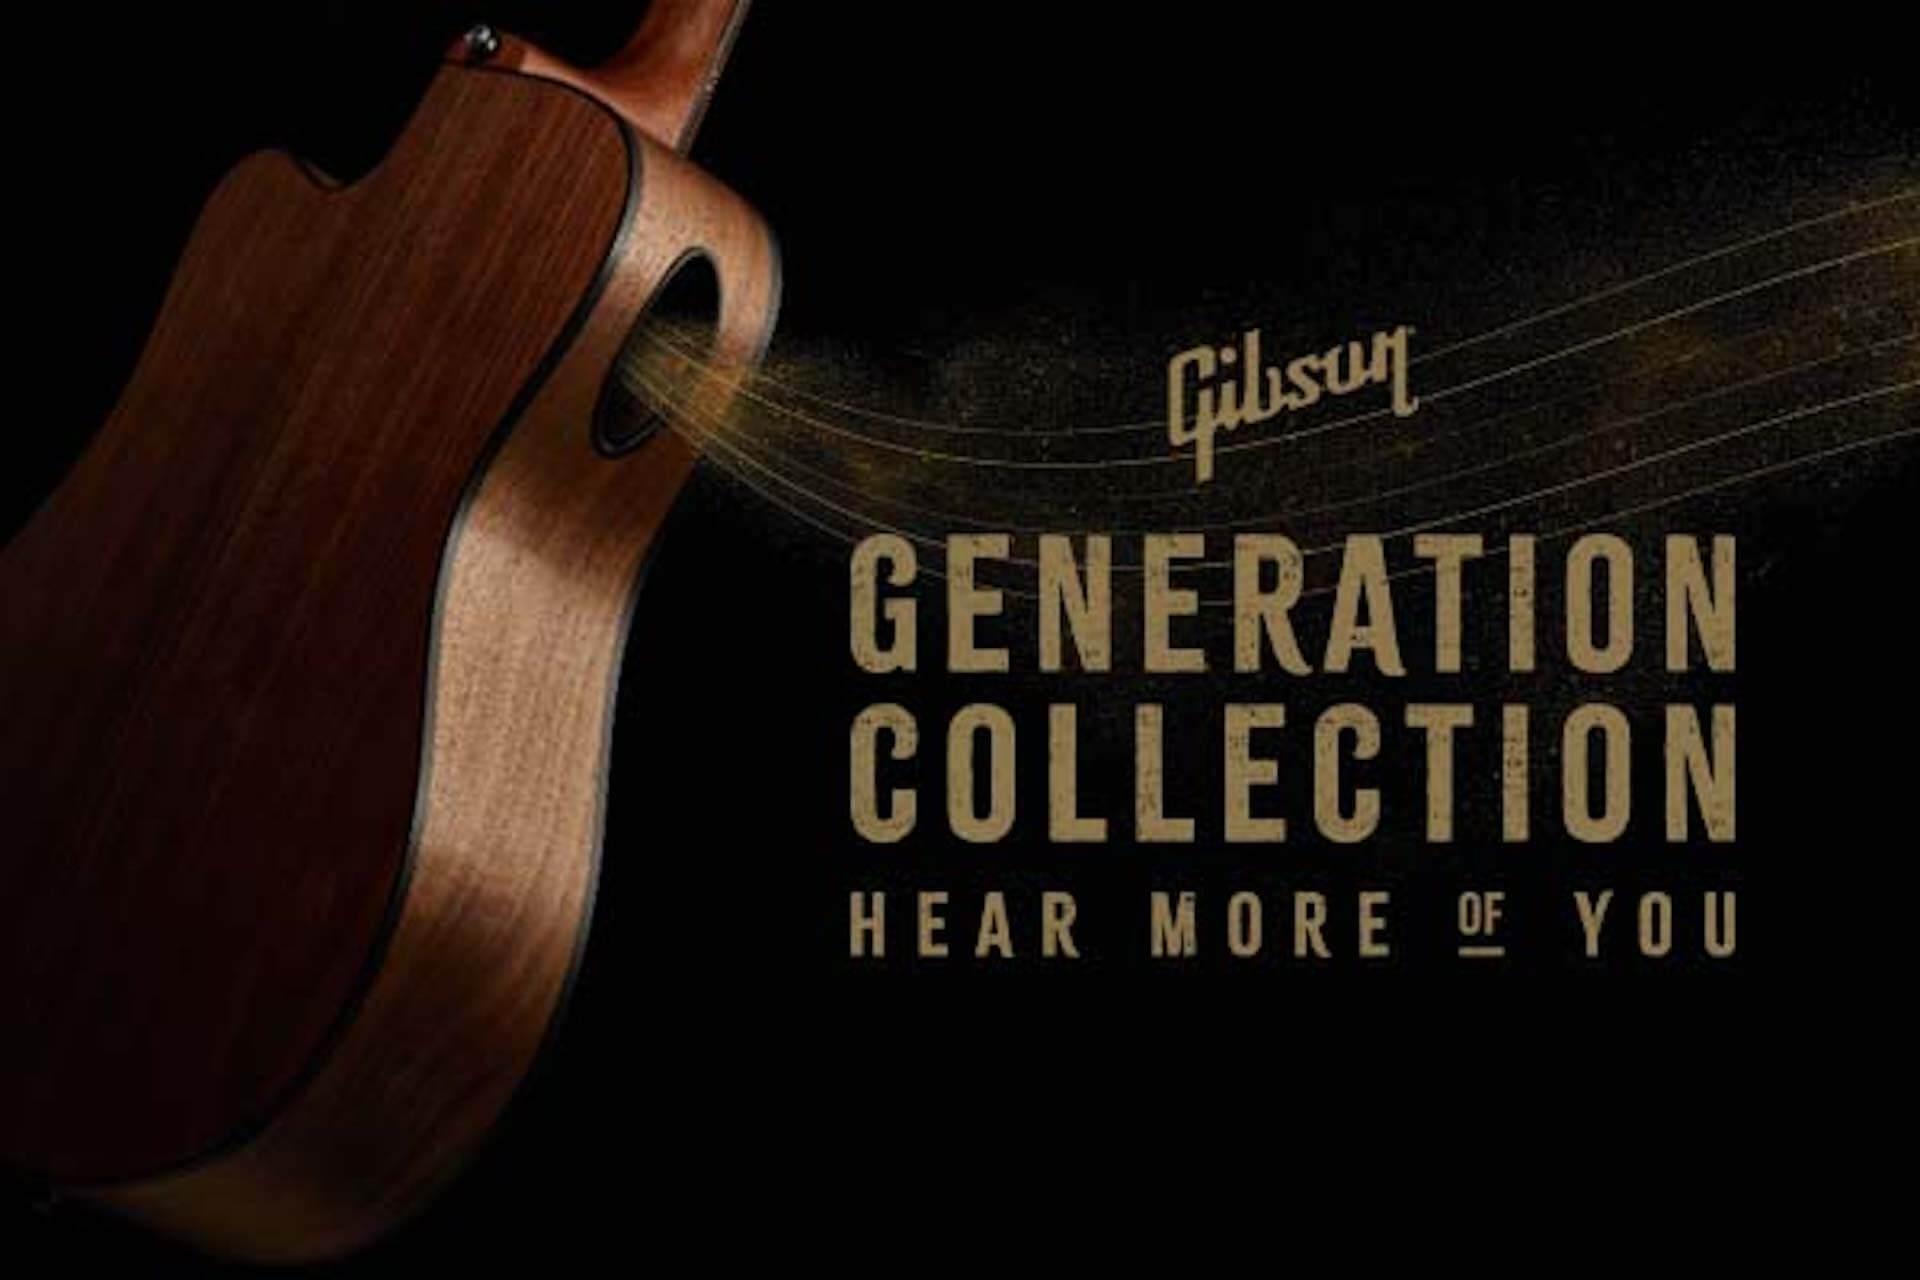 ギブソンのアコースティックコレクション『ジェネレーション・コレクション』が発売決定!れん、Michael Kaneko、Doulとのコラボインタビューも公開 music210922_gibson_013